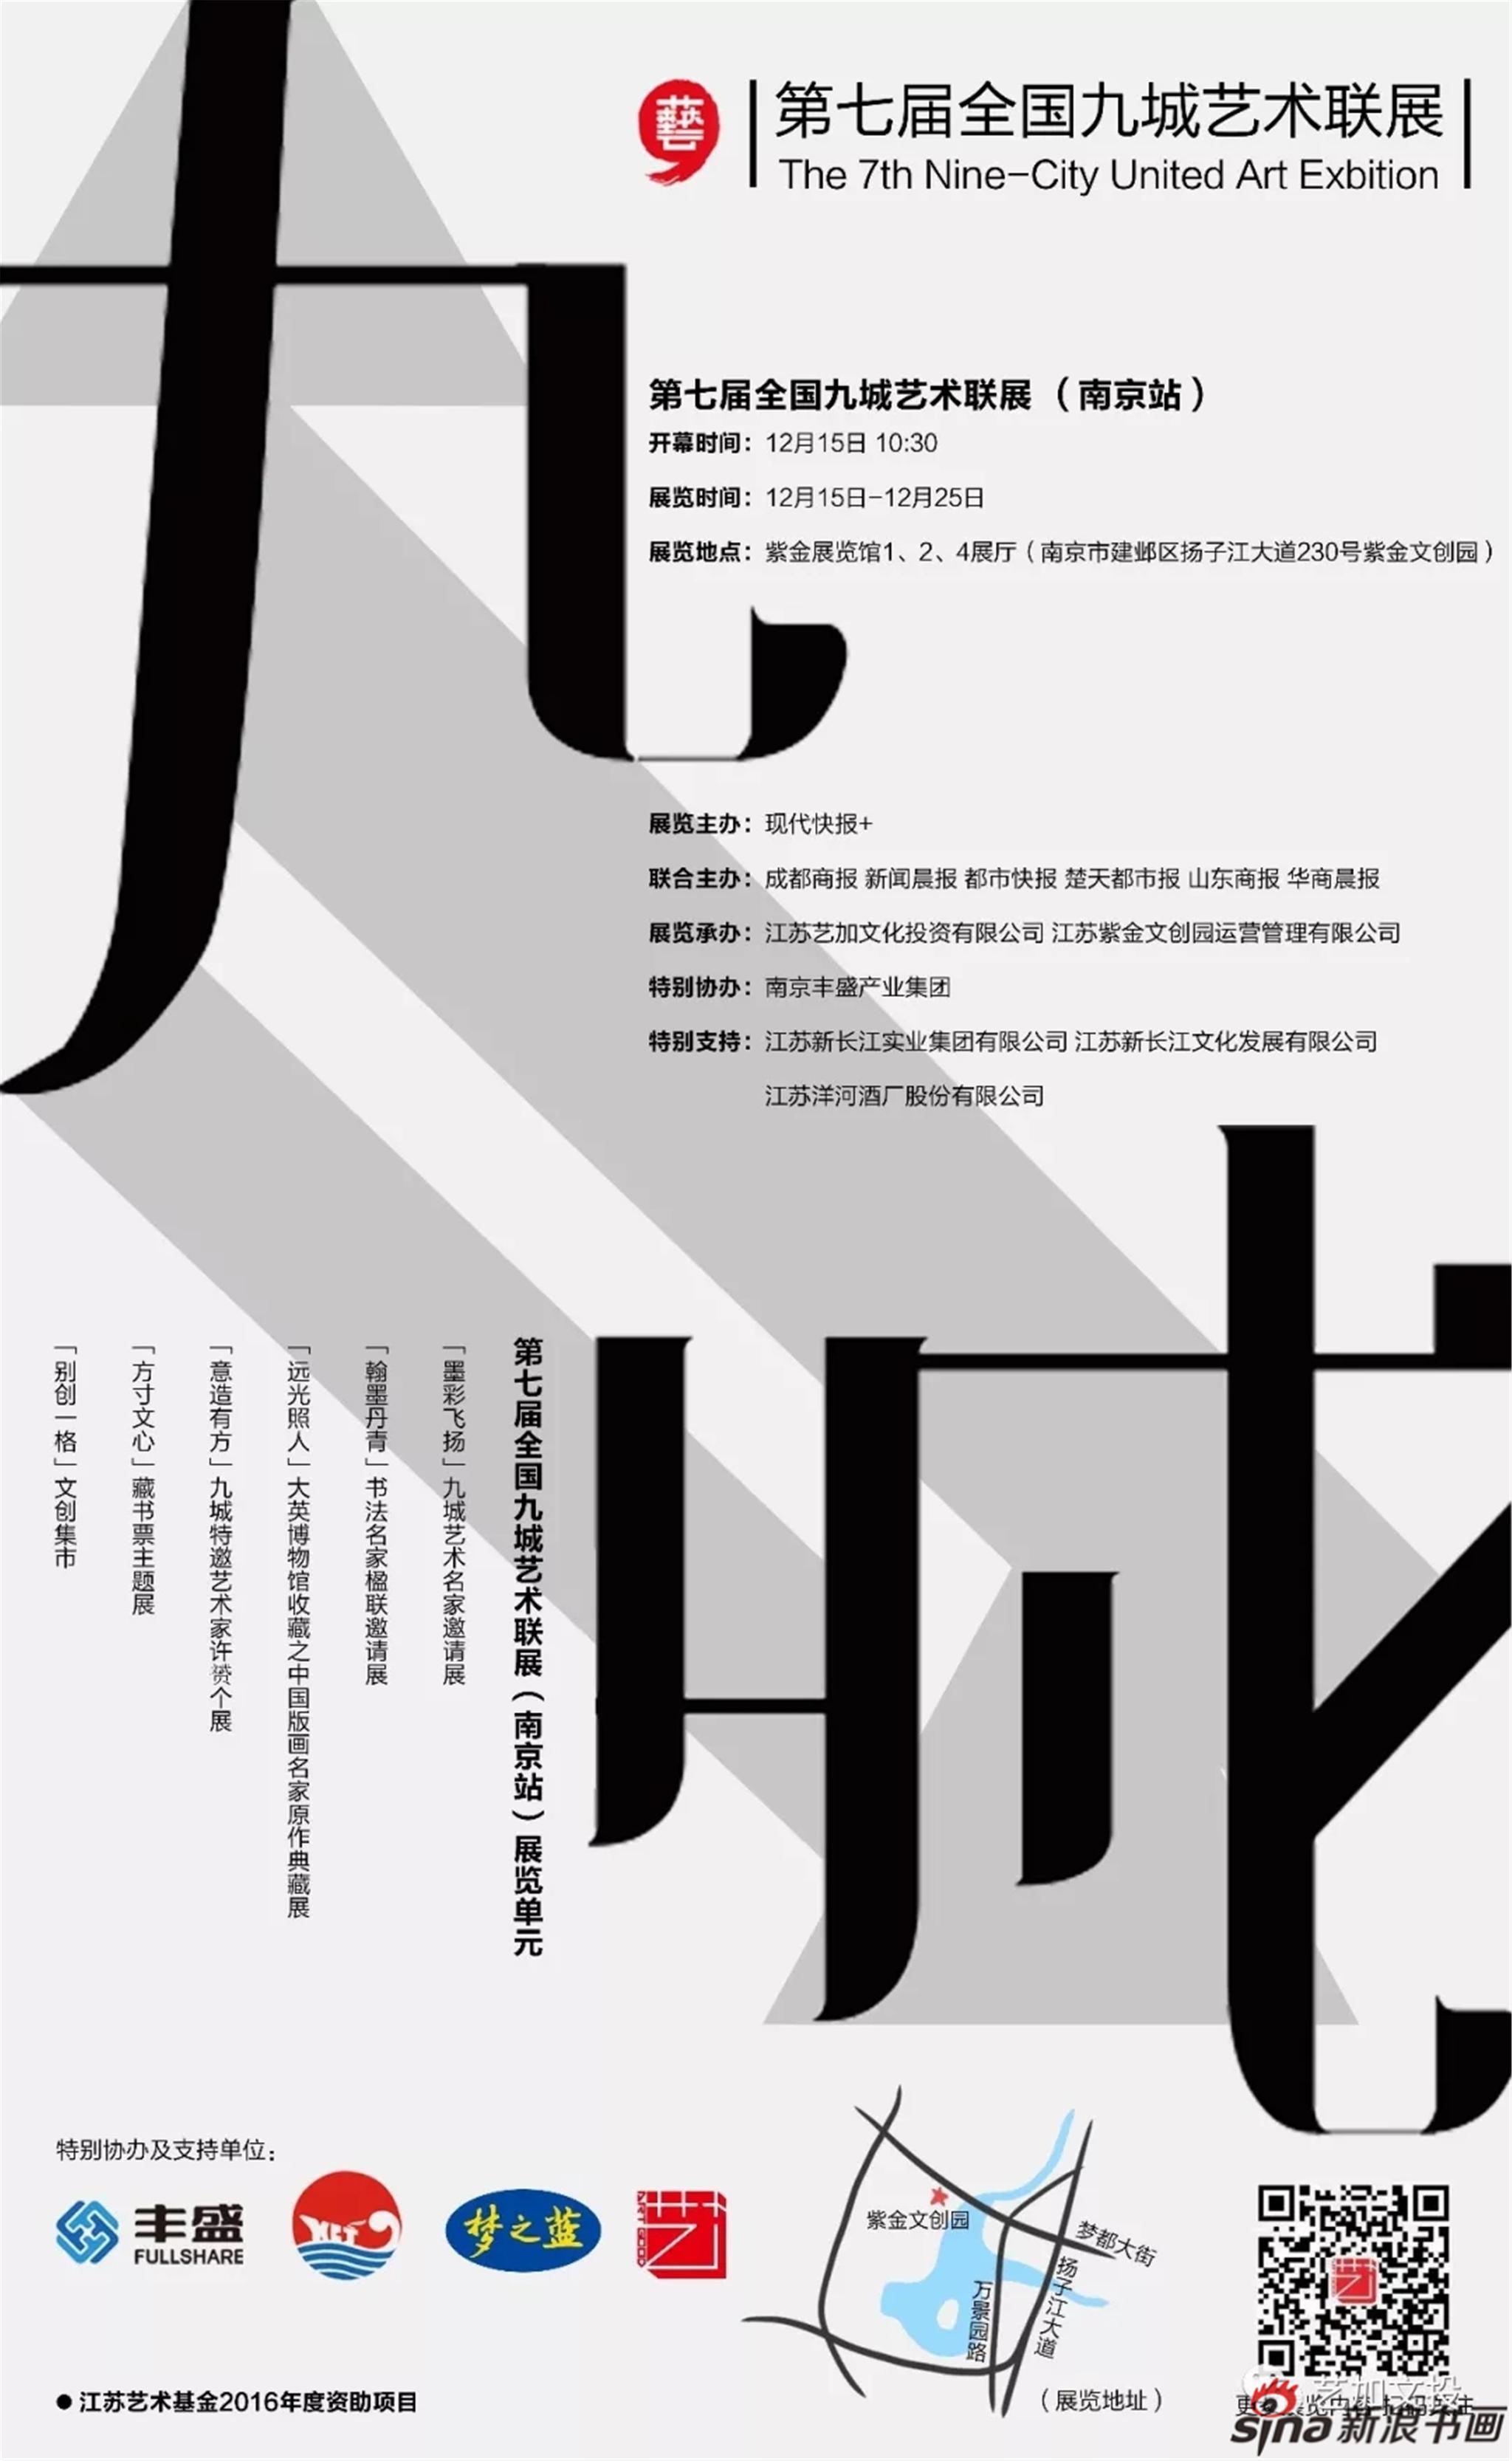 第七届全国九城艺术联展(南京站)之徐燕